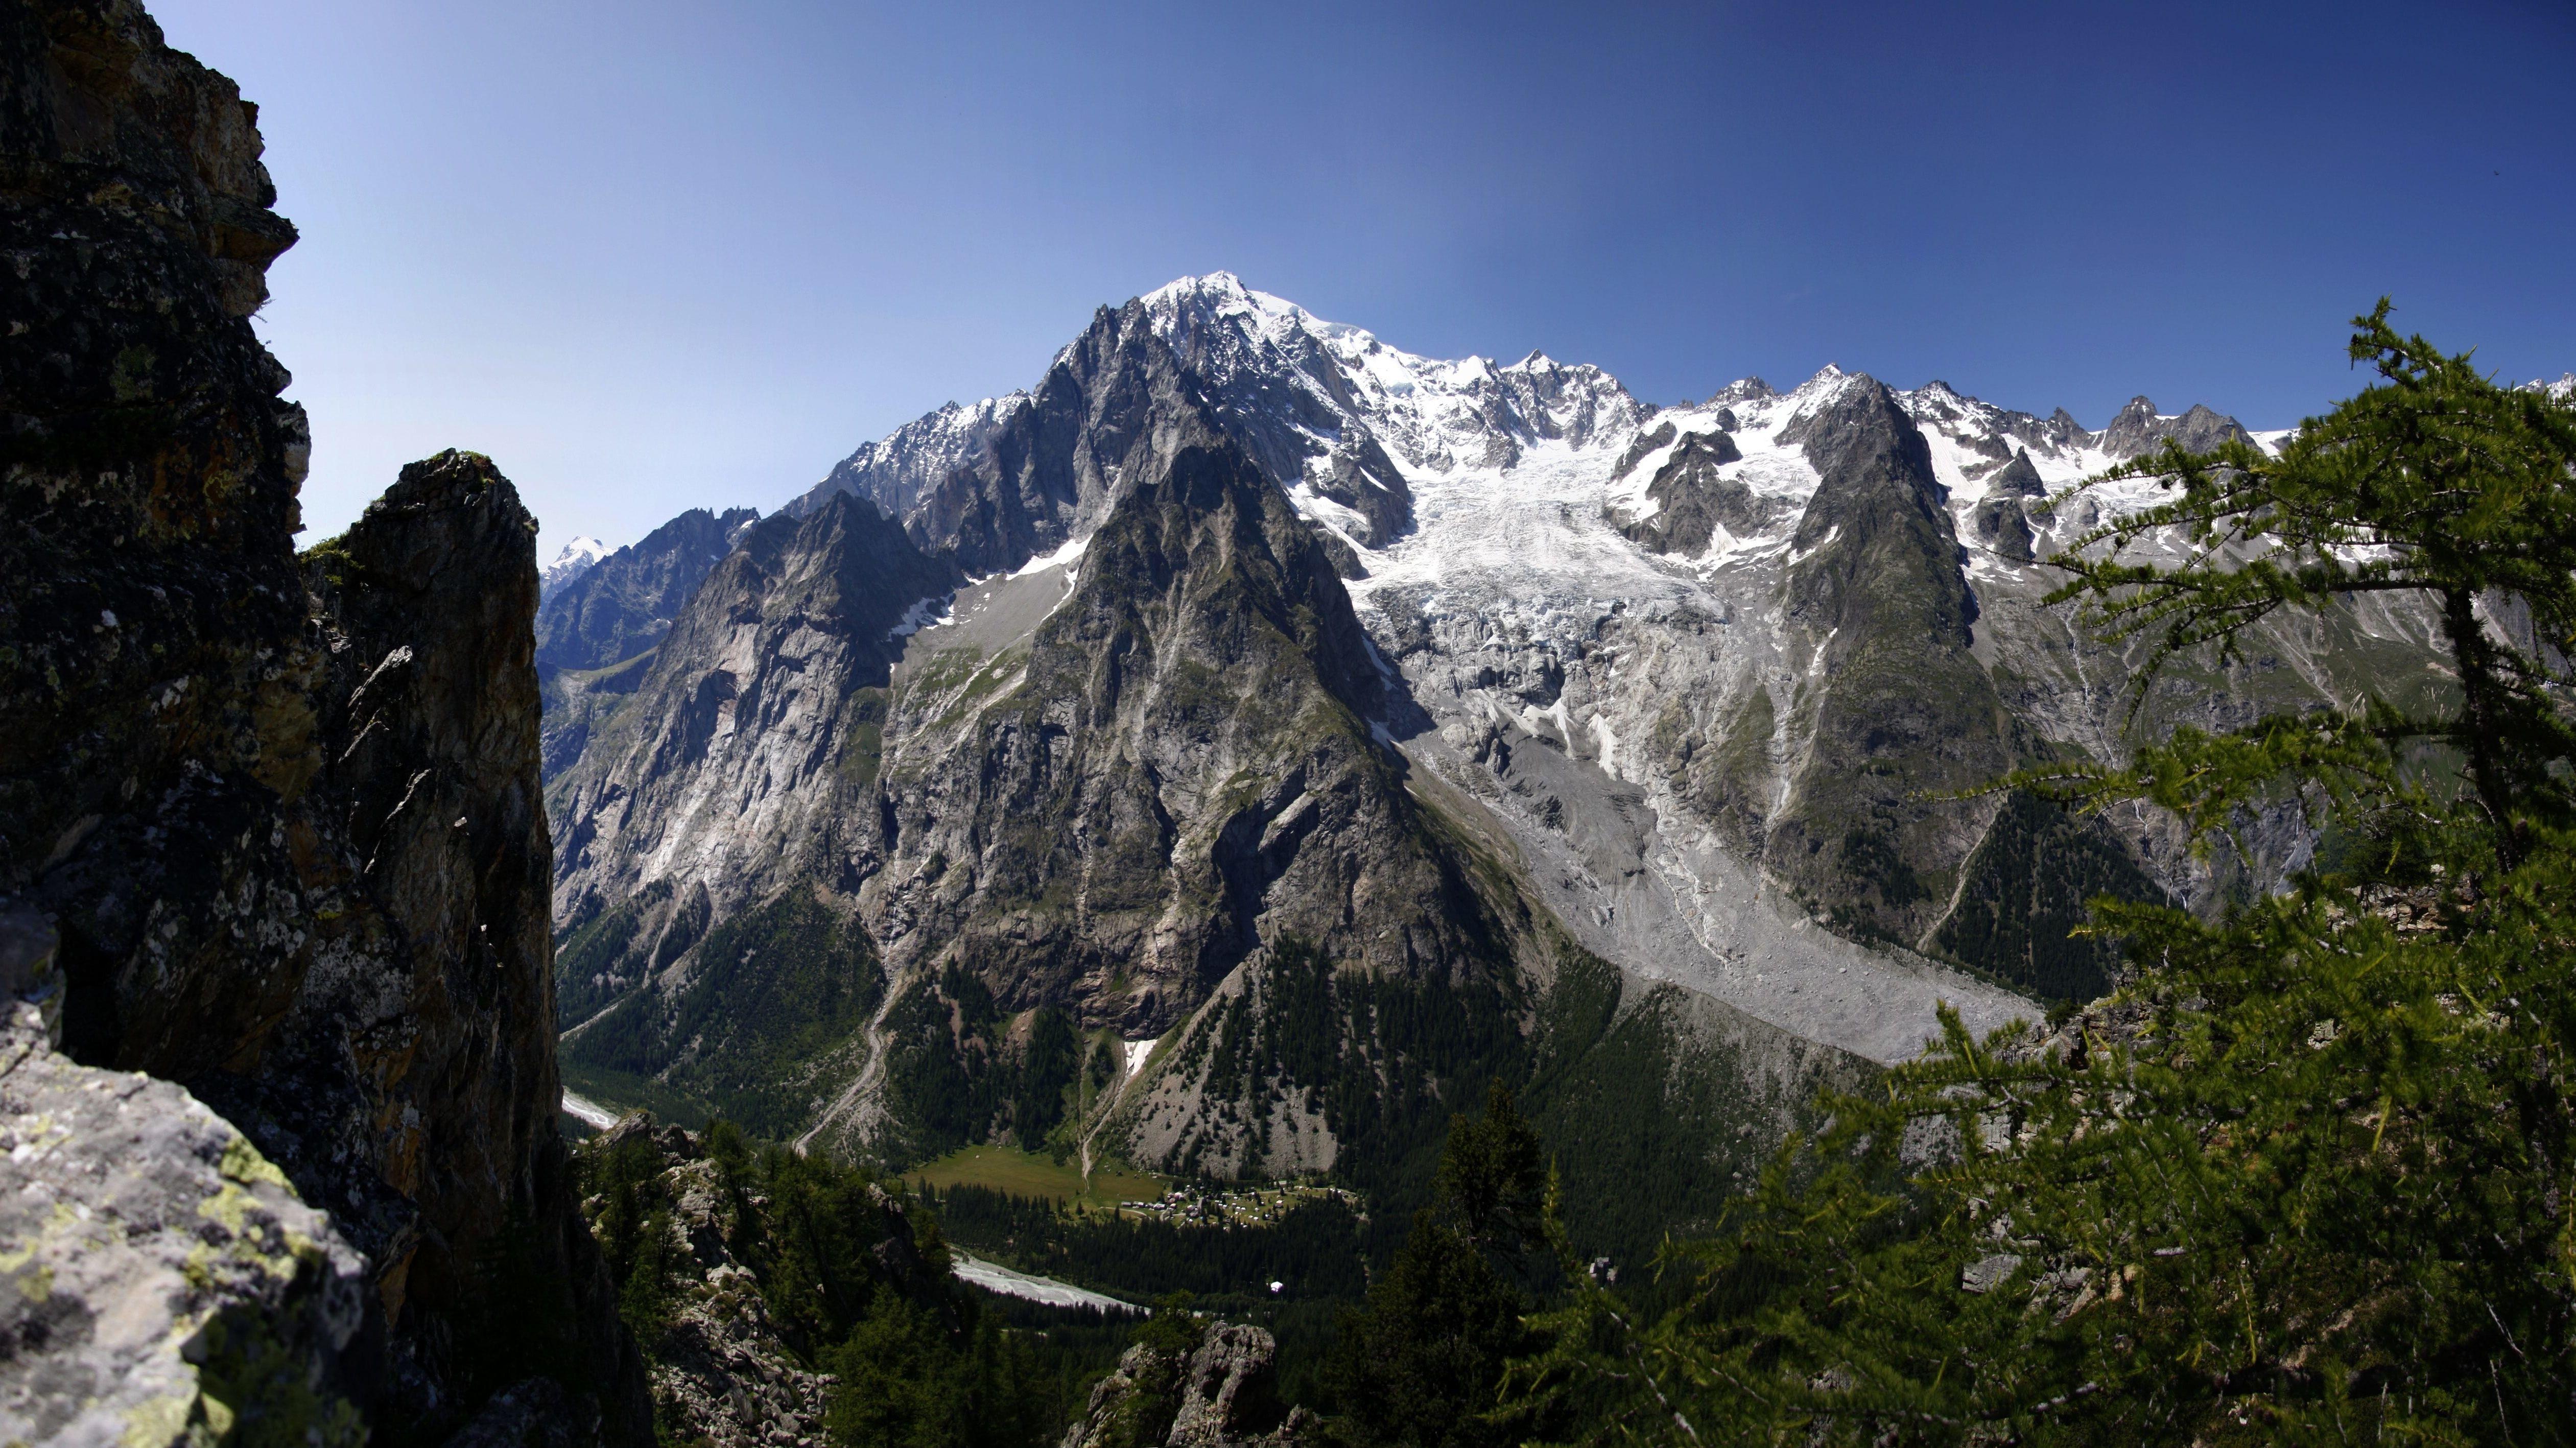 Das-Mont-Blanc-Massiv von Courmayeur und dem Aostatal aus gesehen